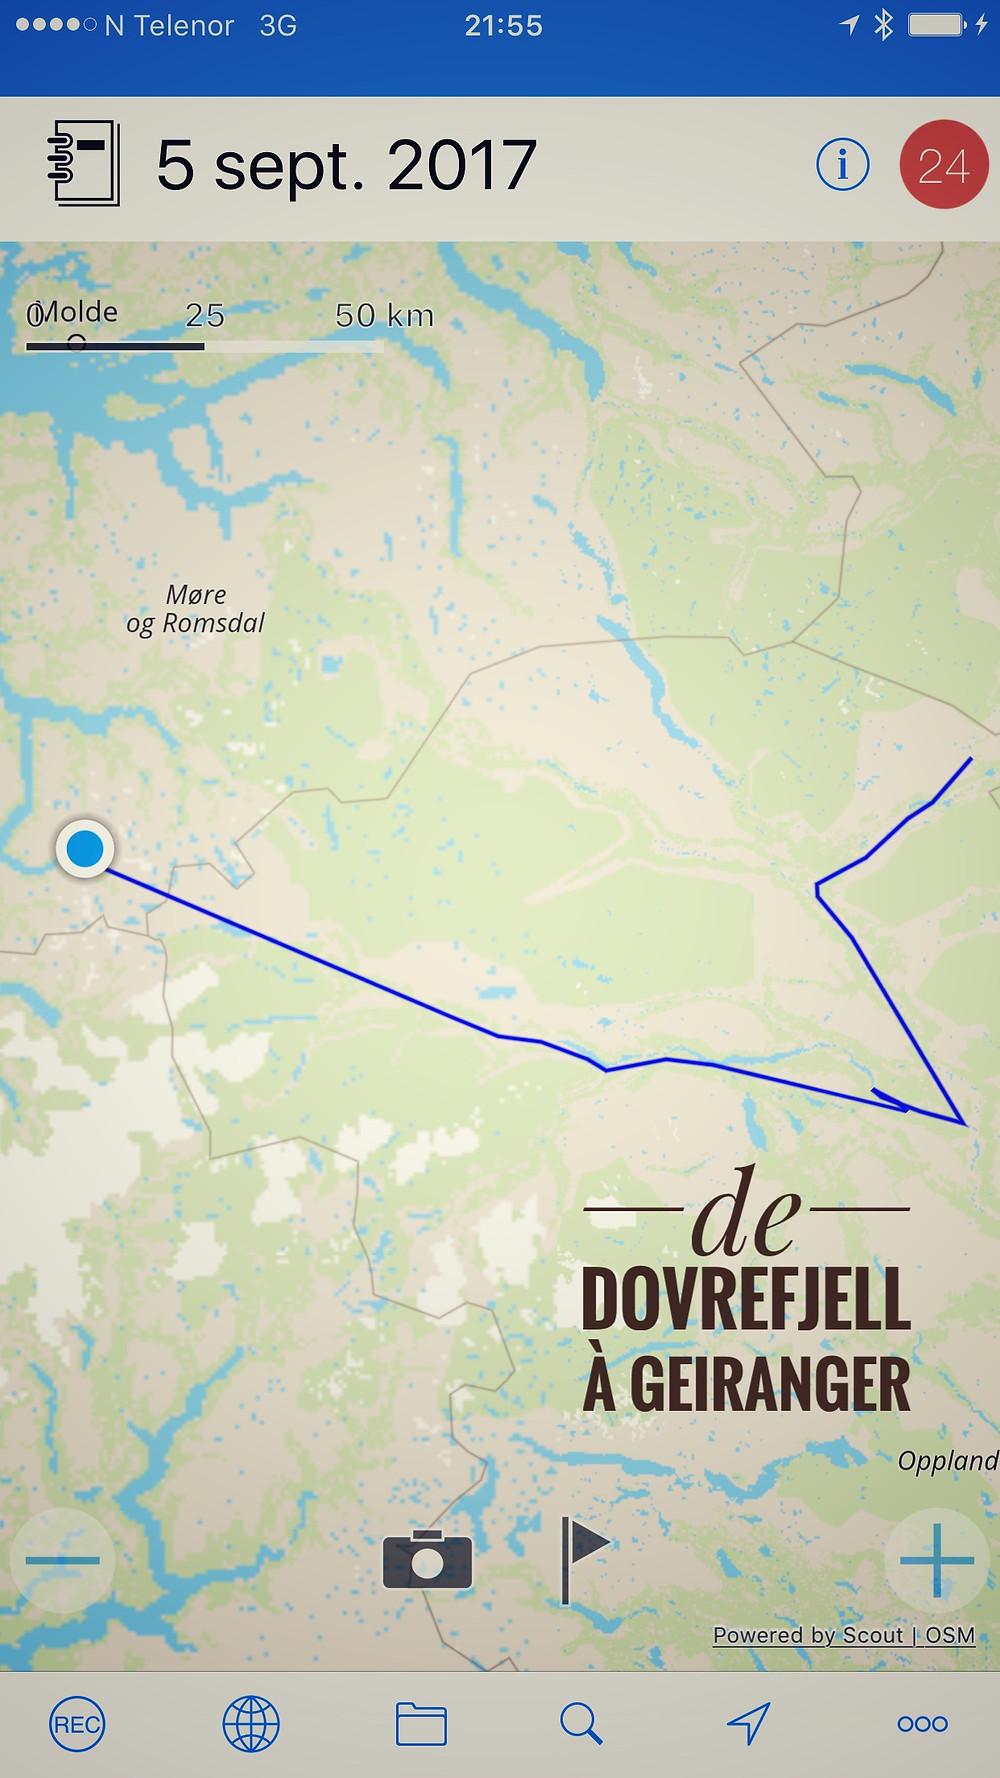 De Dovrefjell à Geiranger